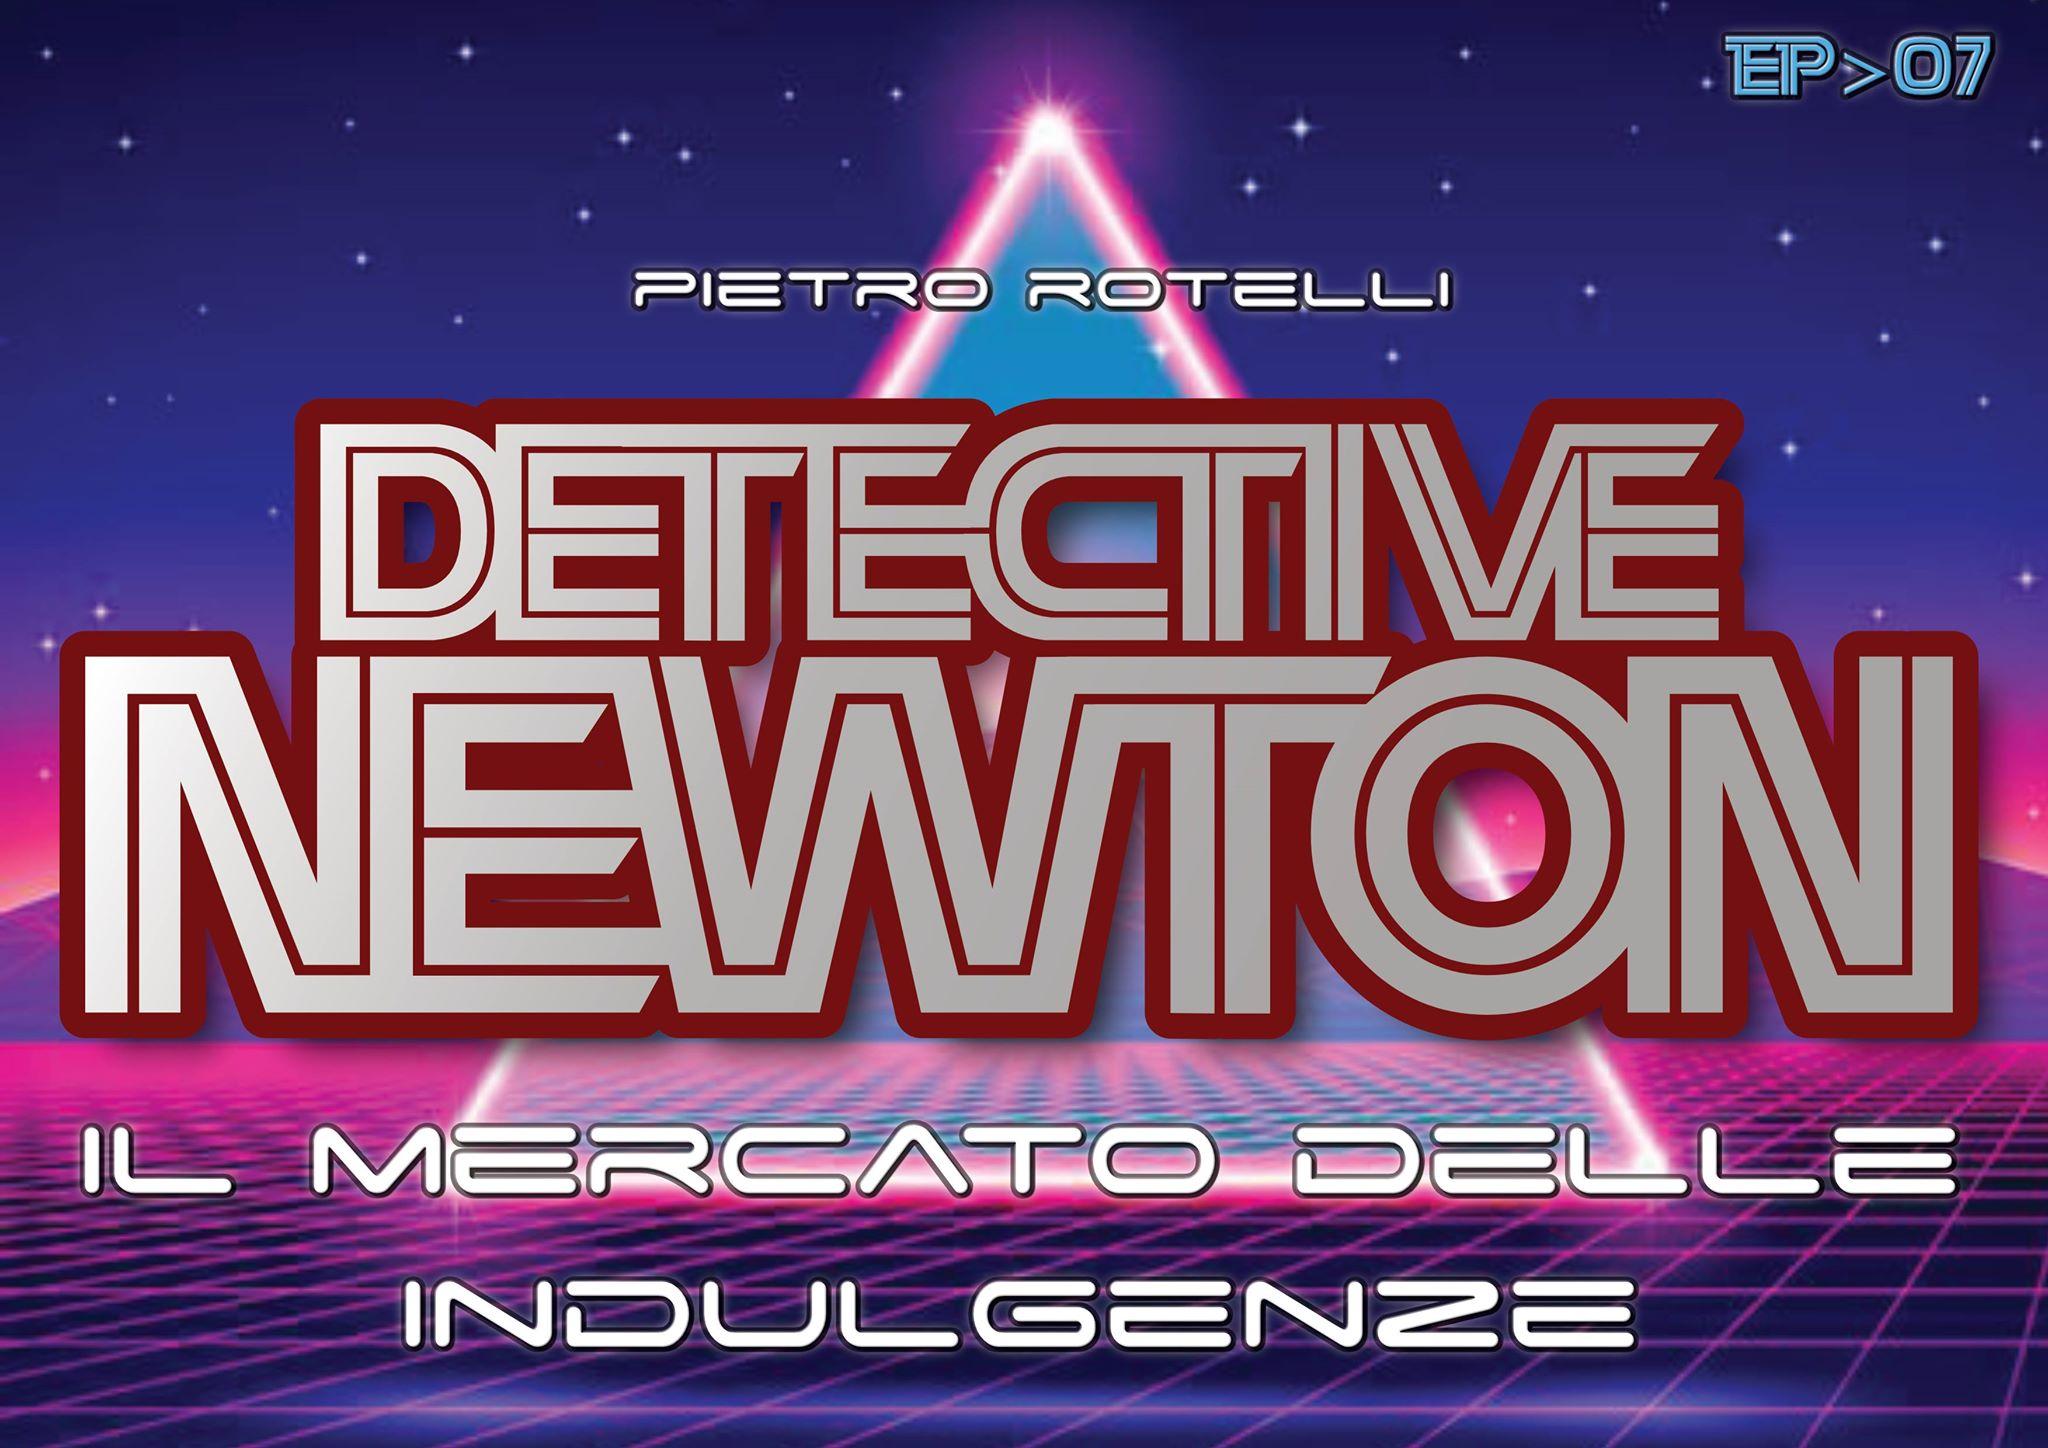 Il mercato delle indulgenze (Un'avventura del Detective Newton EP. 07) 3 - fanzine